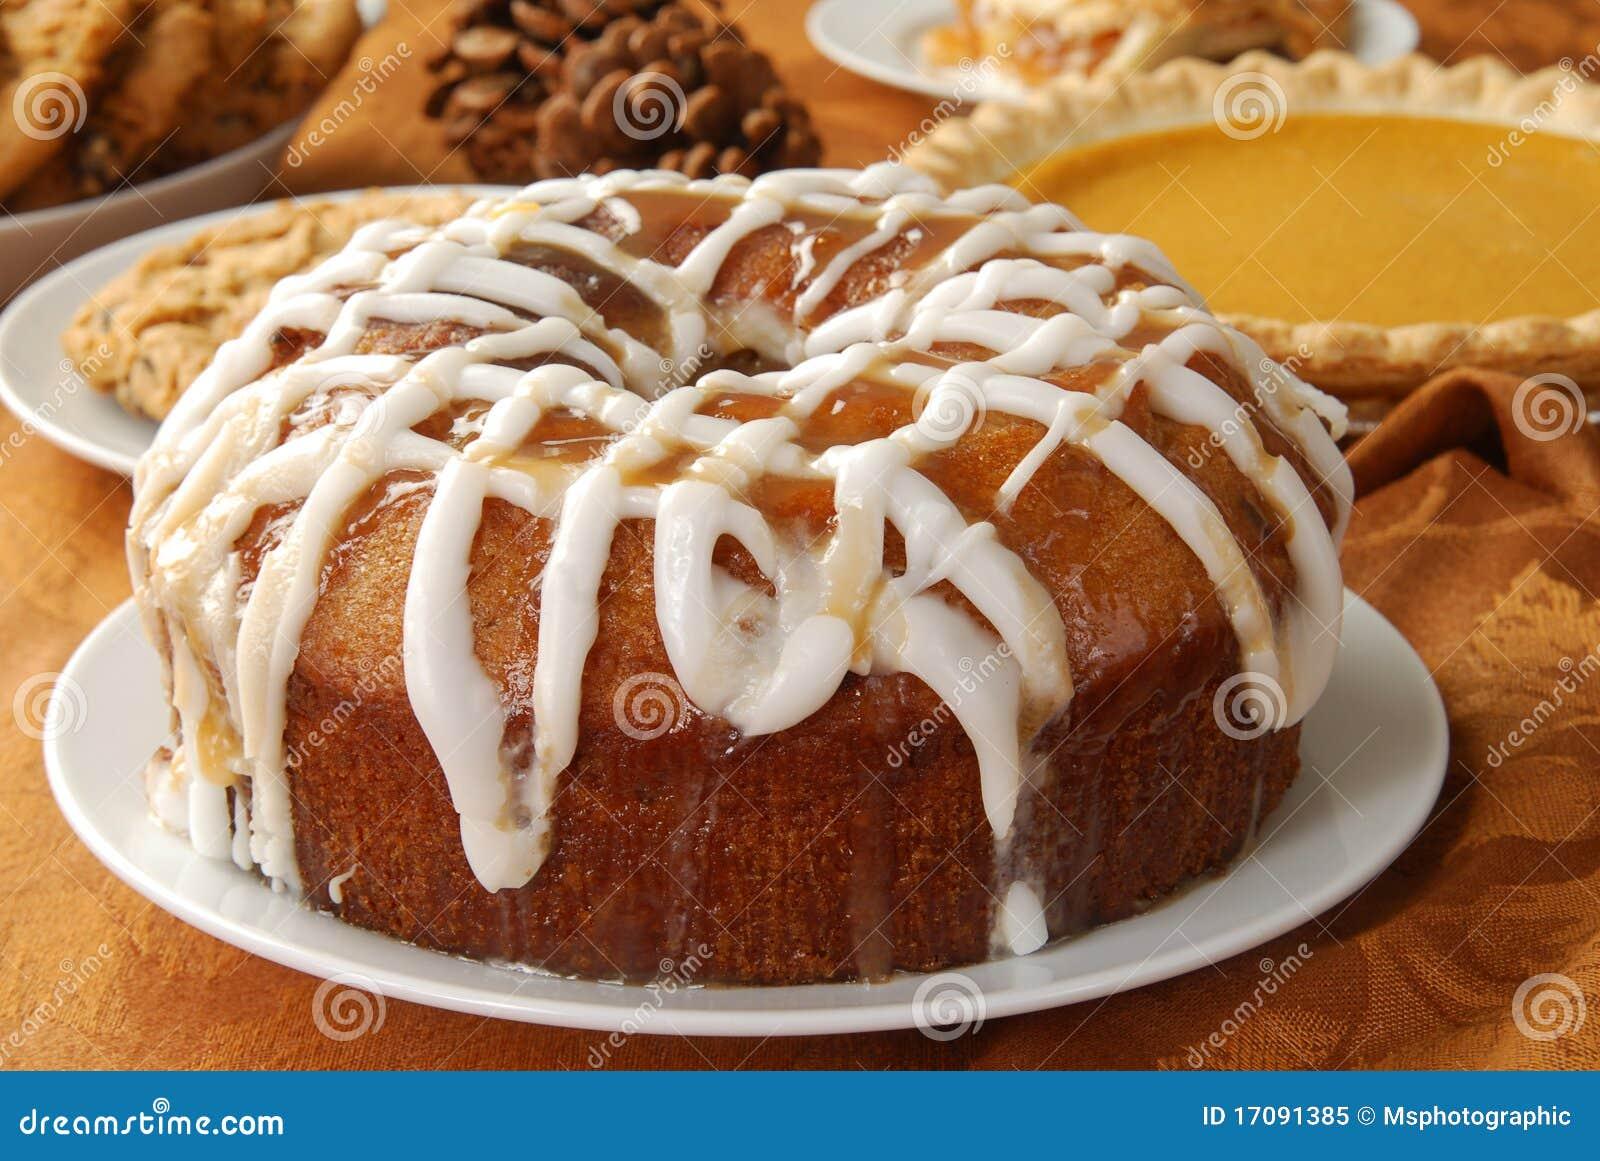 De cake van de appel bundt